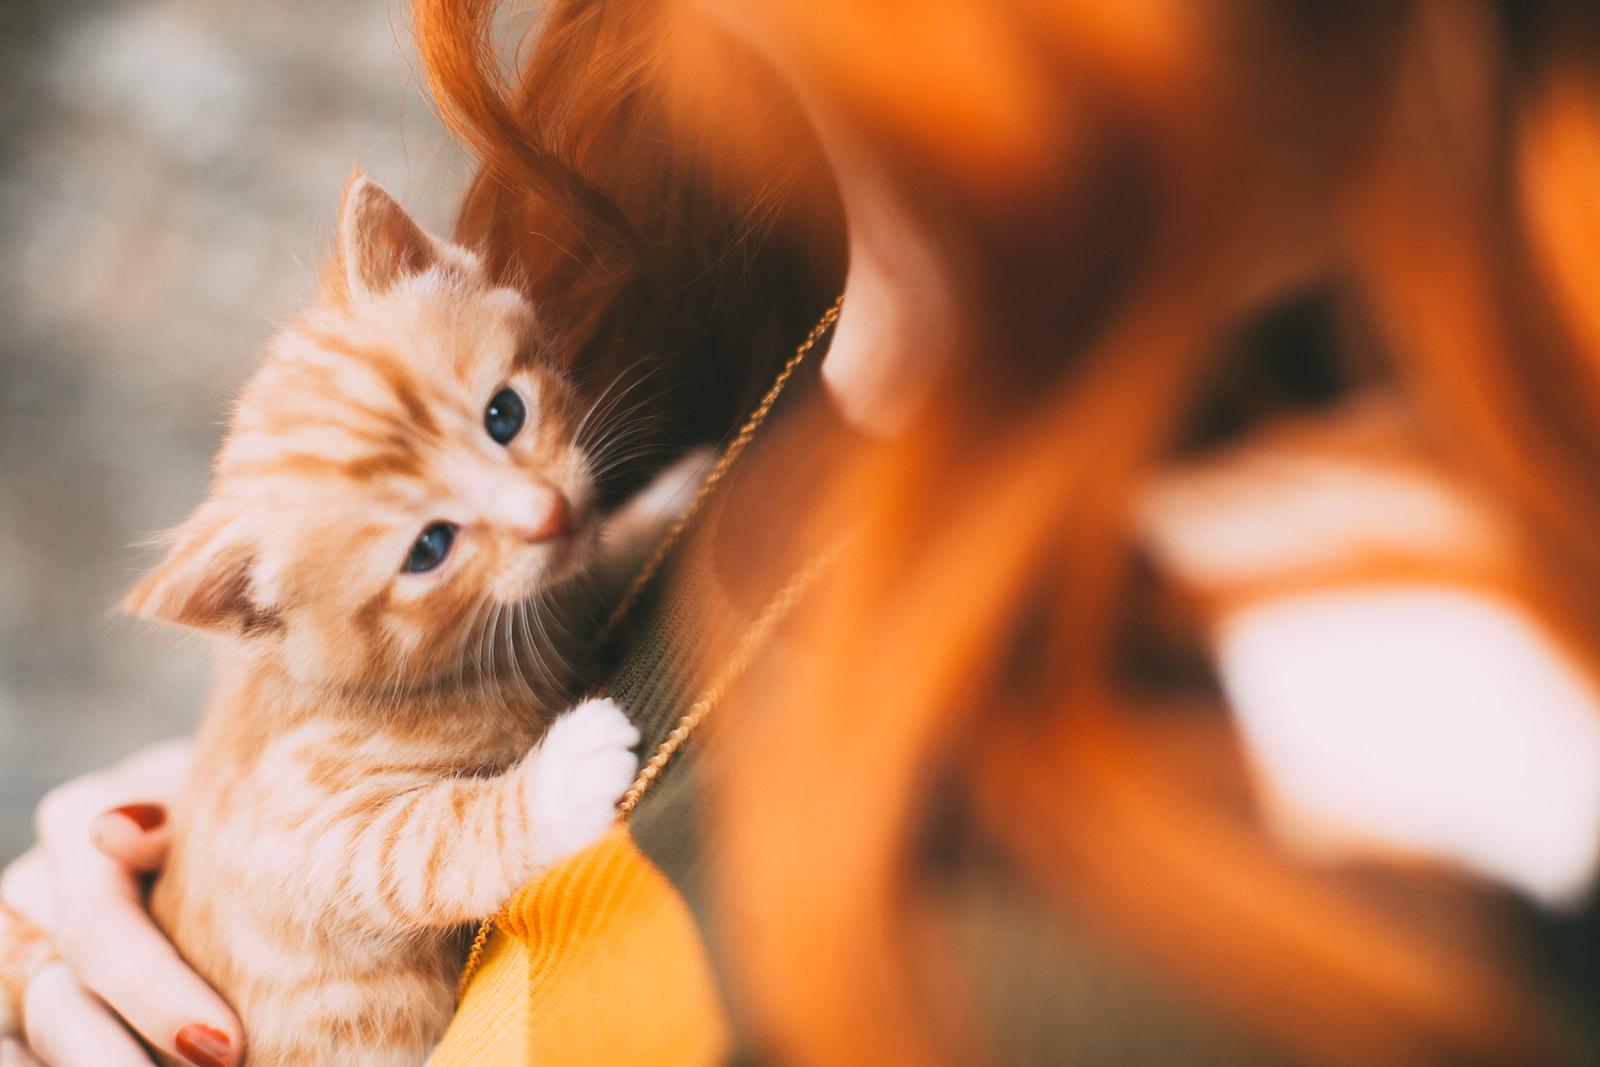 ginger kitten-19